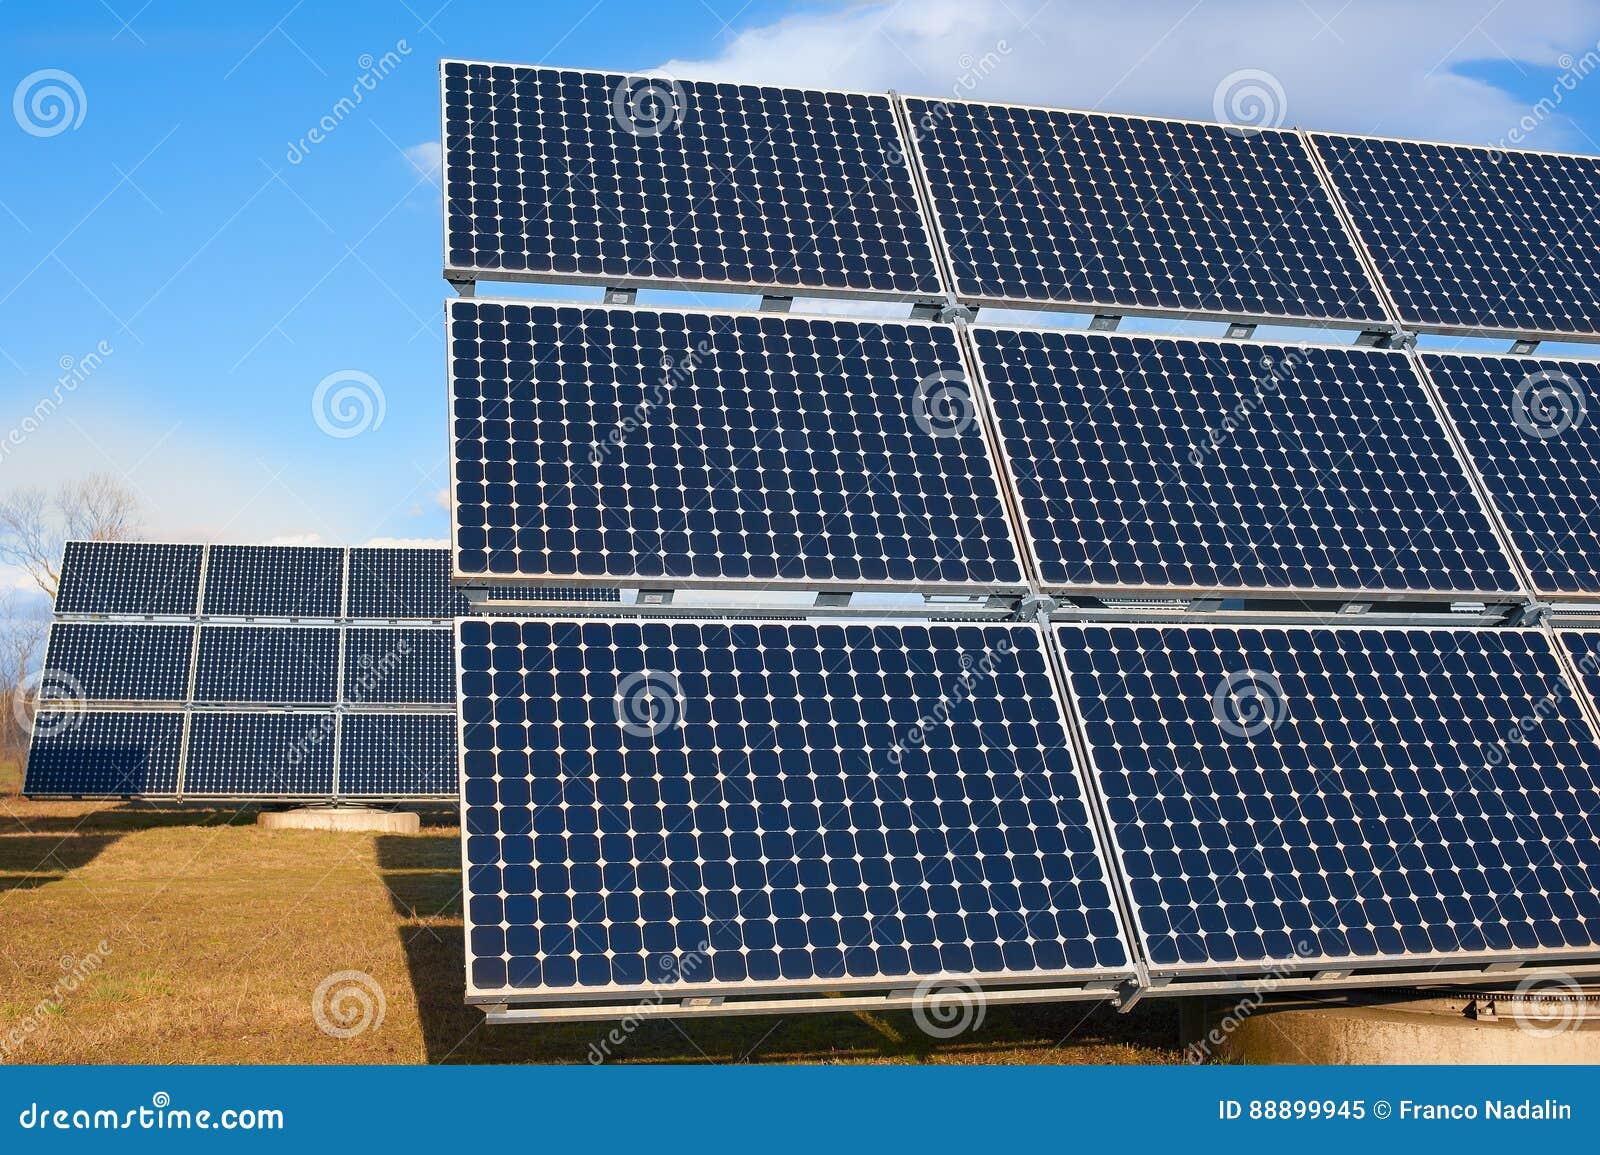 使用可再造能源的太阳能发电厂与太阳